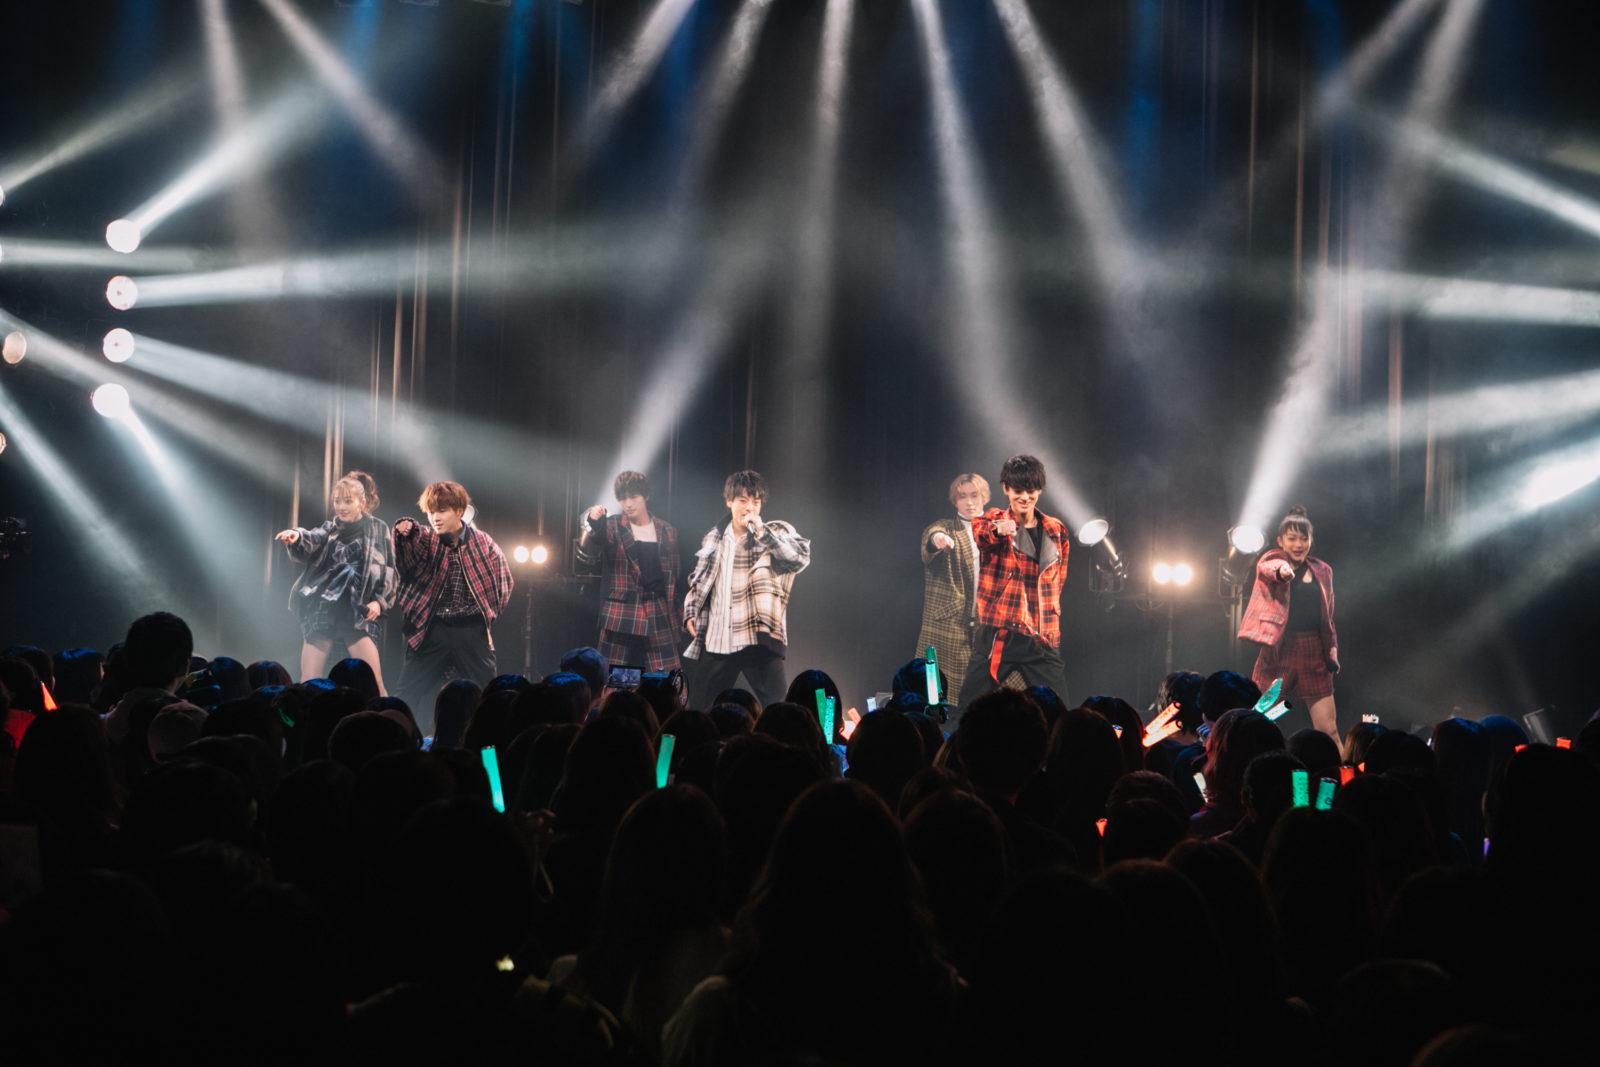 新ダンス&ボーカルグループGENICが初ライブ!来年1月からの全国ライブサーキットも発表サムネイル画像